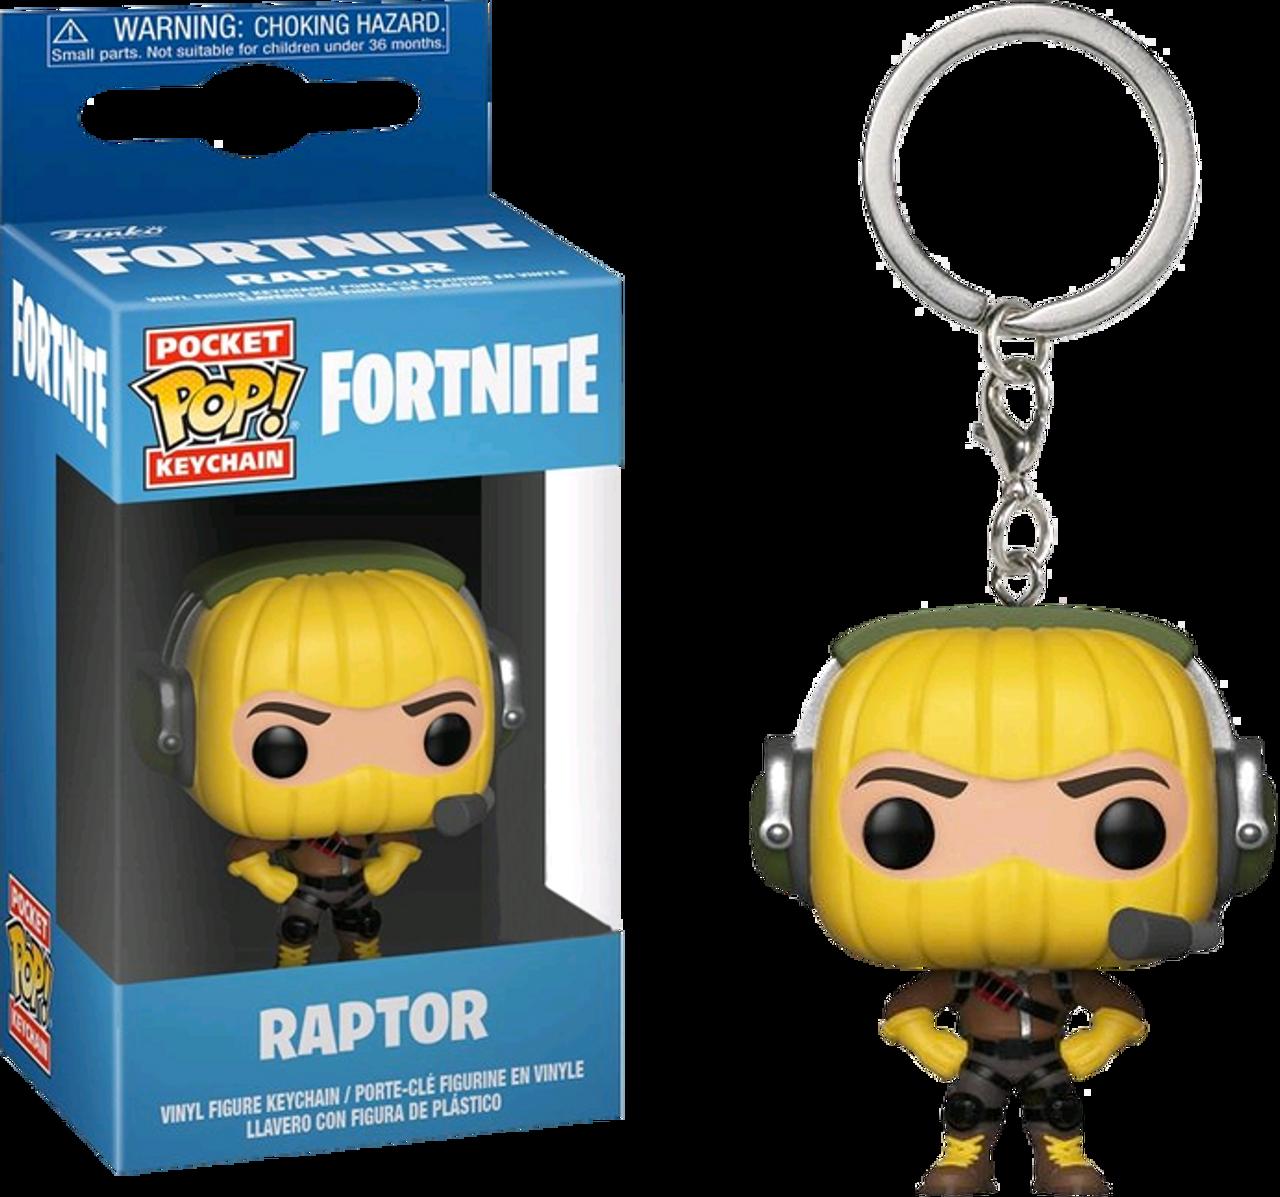 Fortnite Raptor Pocket Pop Vinyl Keychain